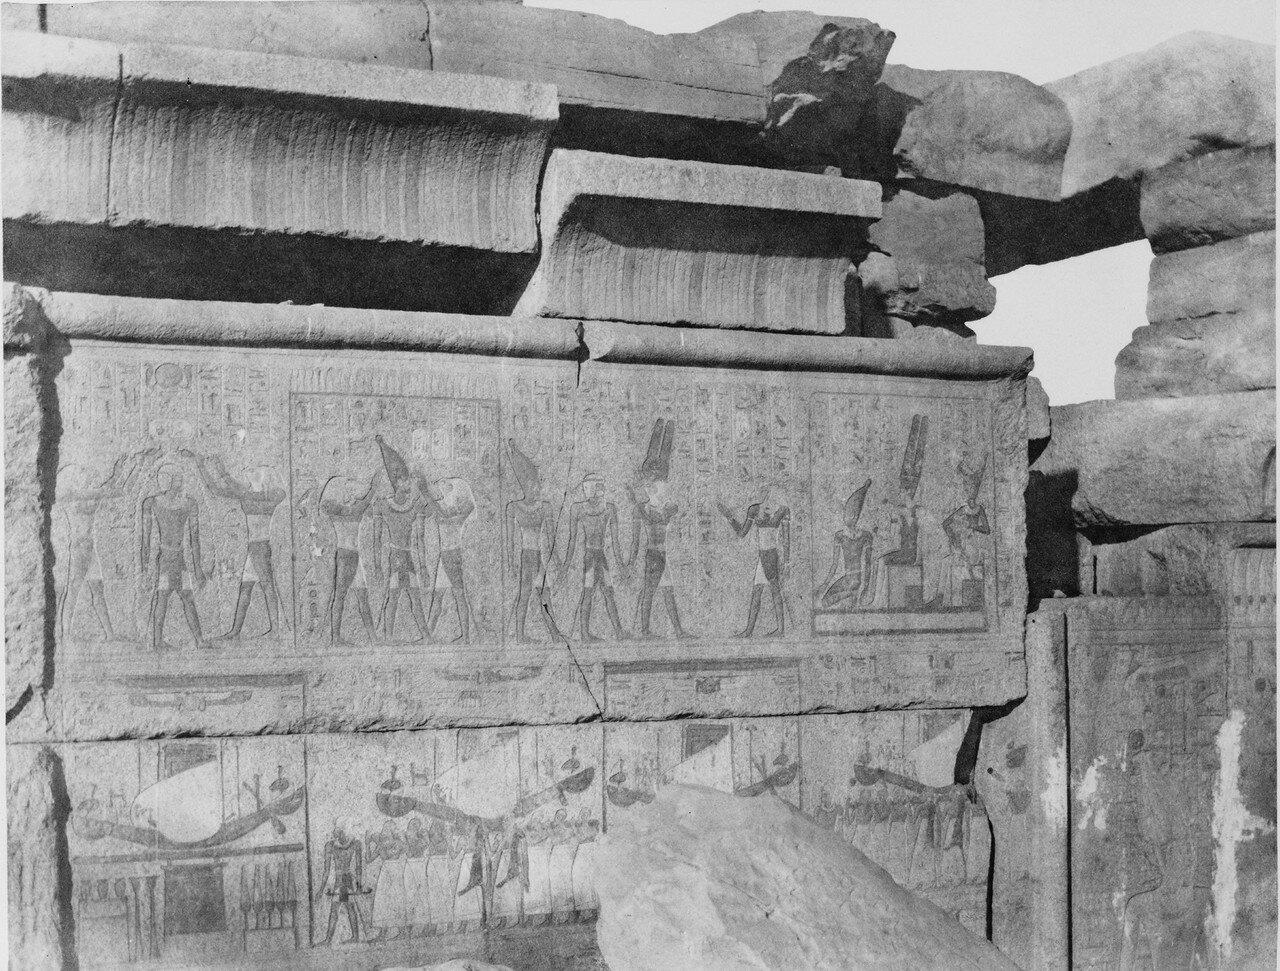 Карнак (Фивы). Гранитная конструкция. Резьба и роспись. 1858